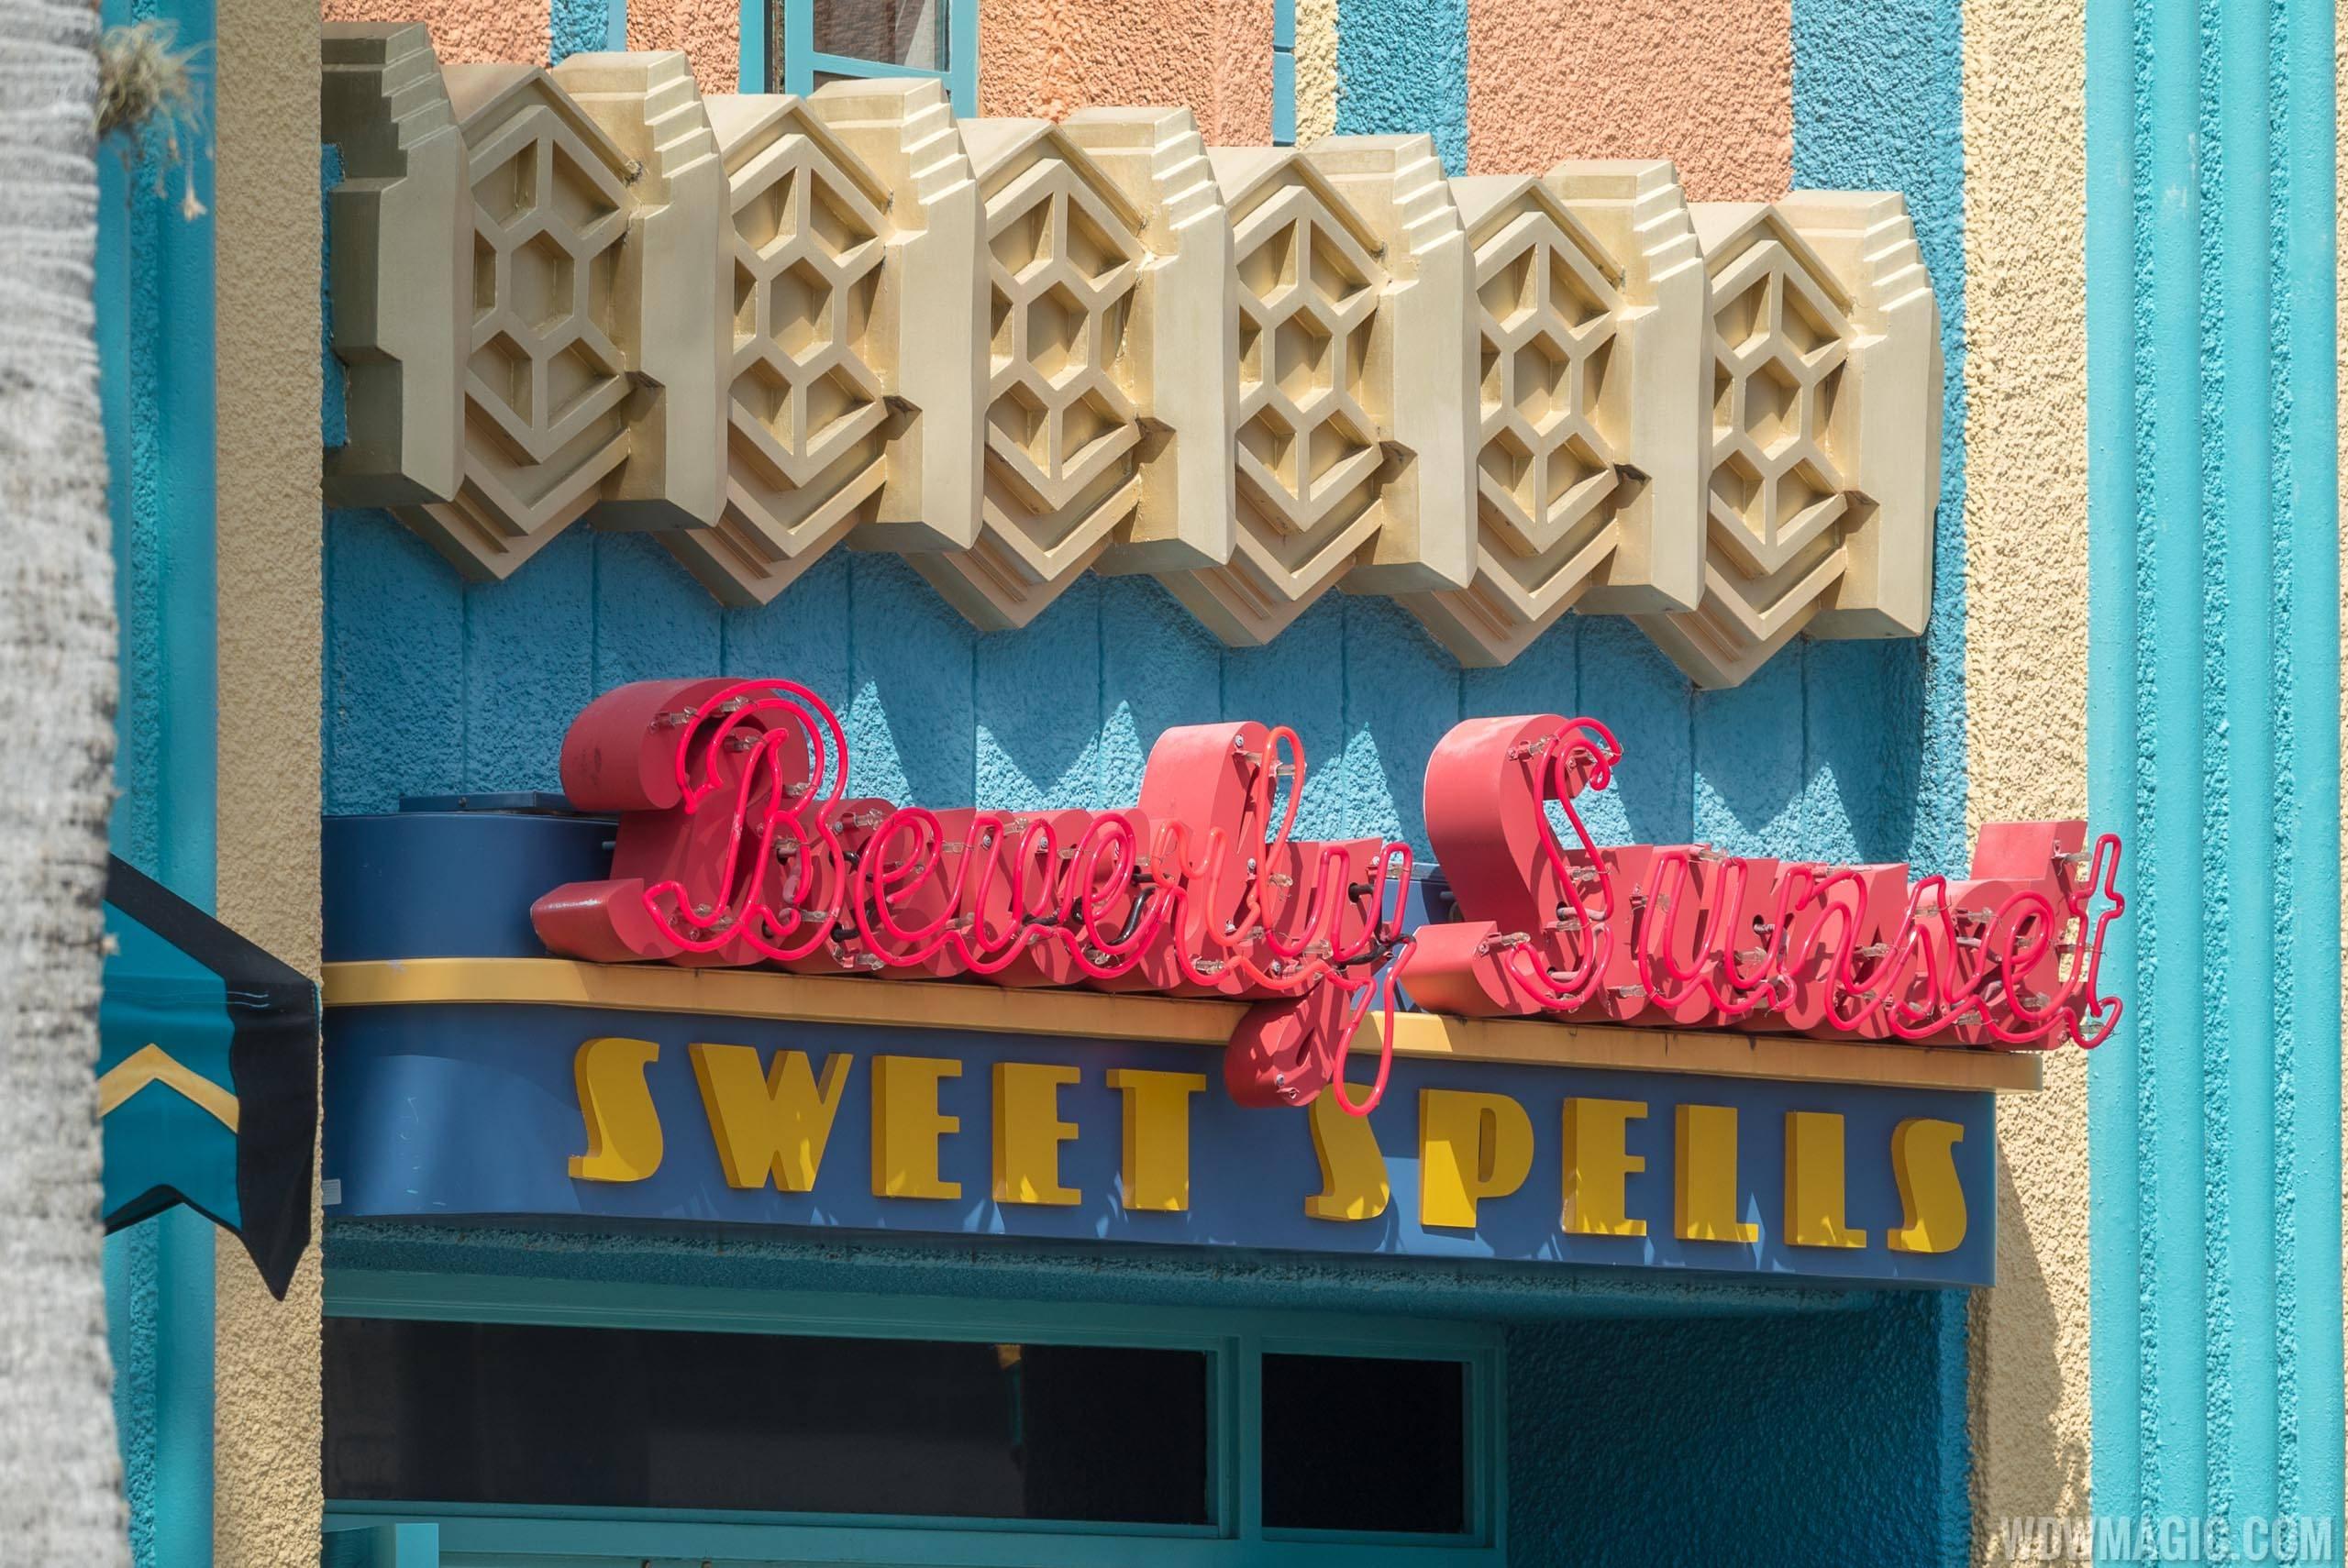 Sweet spells overview